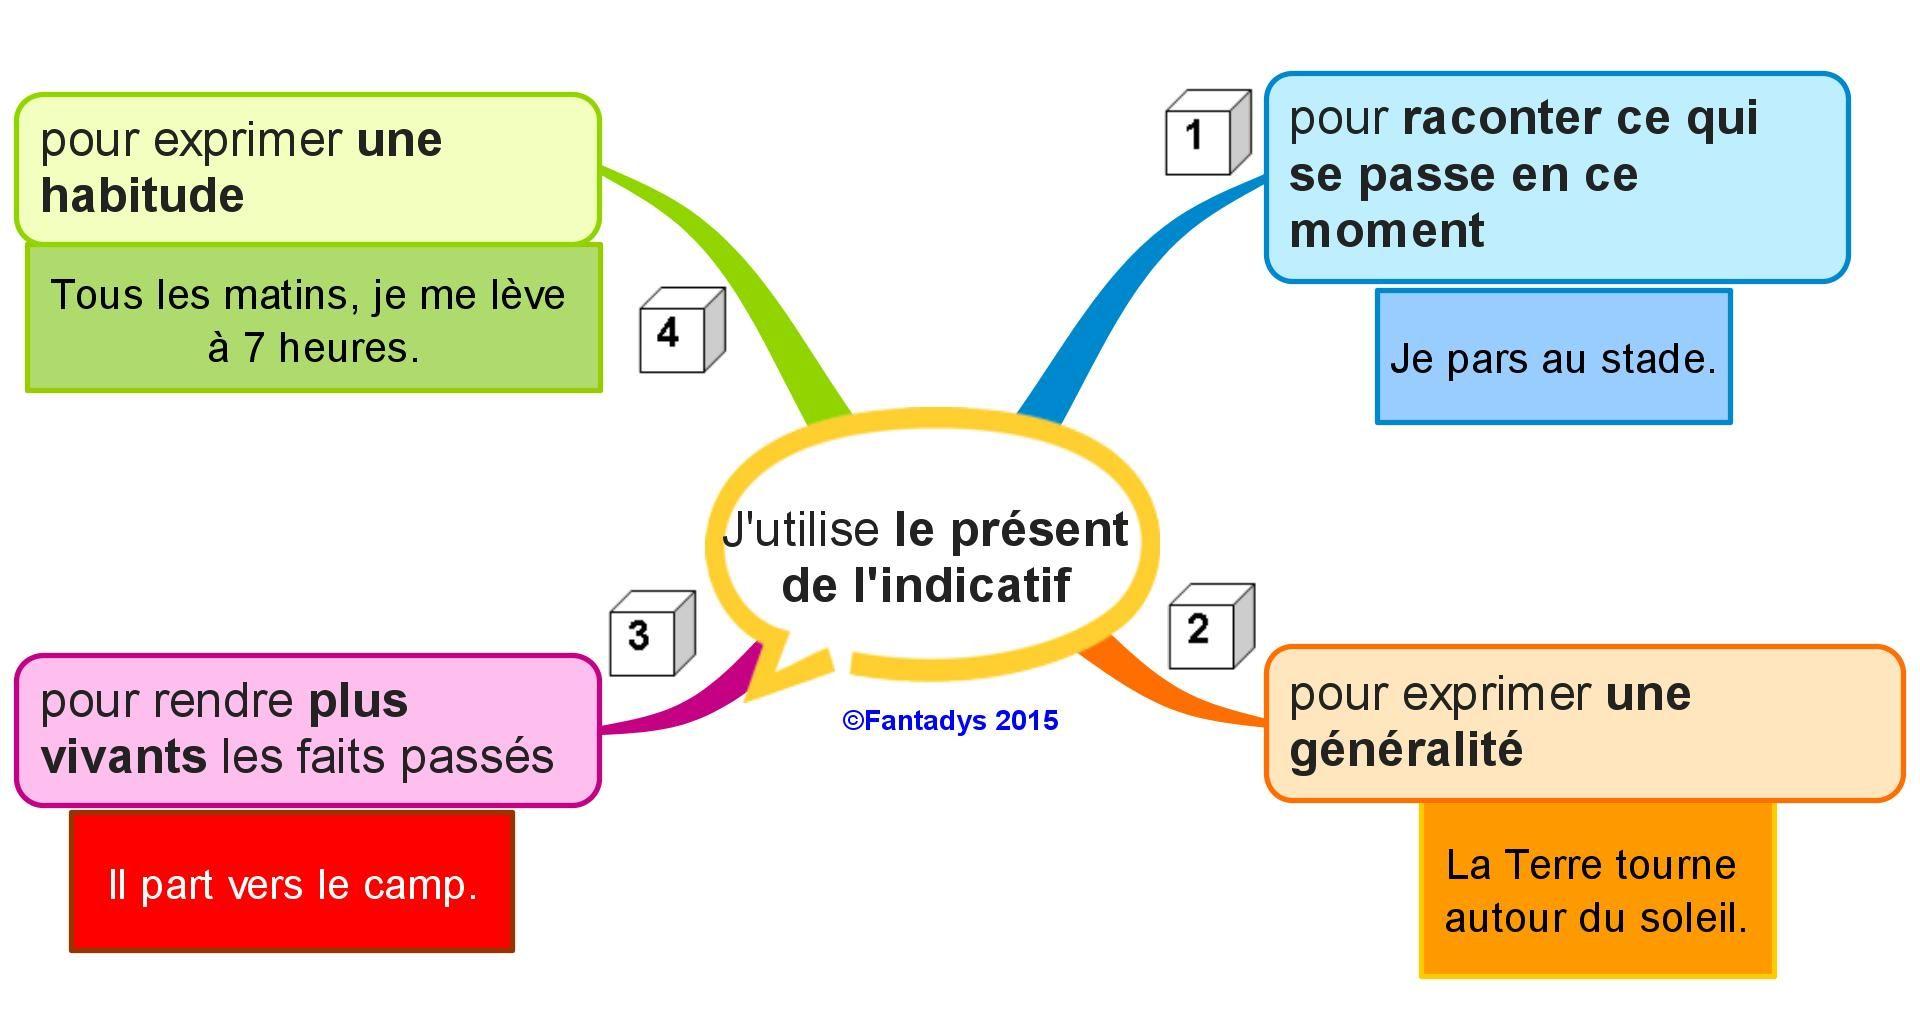 cartes mentales Conjugaison | Carte mentale, Apprendre ...